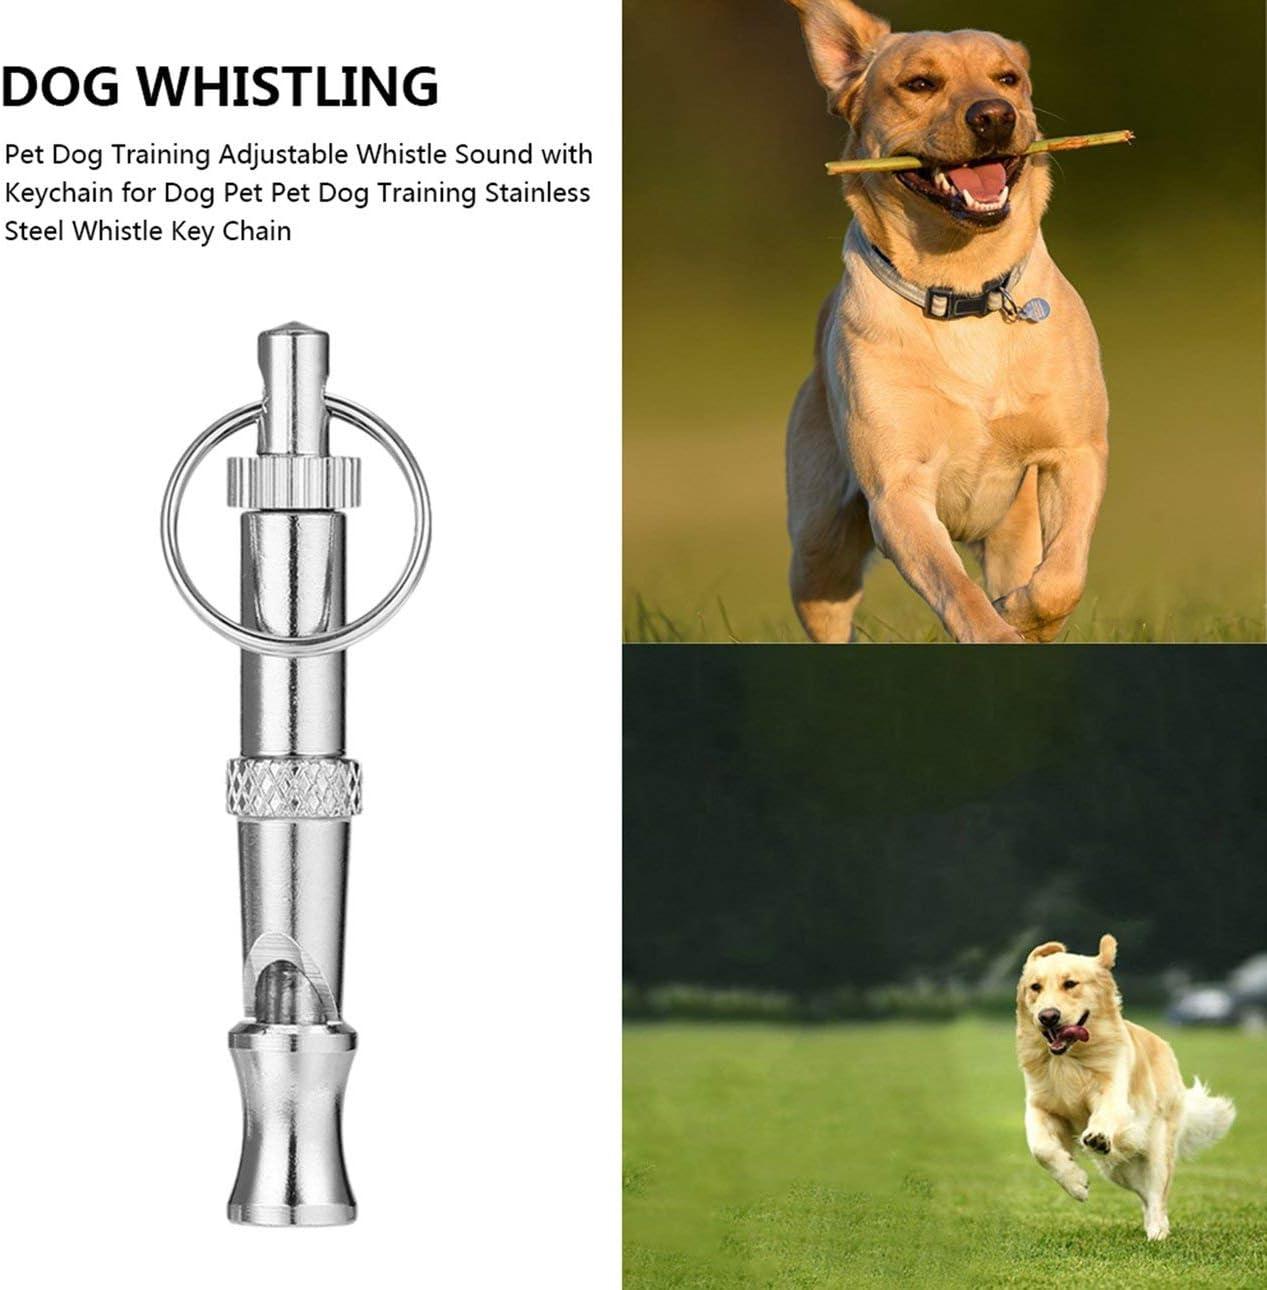 Ballylelly Haustier Hundetraining Einstellbare Pfeife Sound mit Schl/üsselbund f/ür Hund Haustier Hundetraining Edelstahl Pfeife Schl/üsselanh/änger